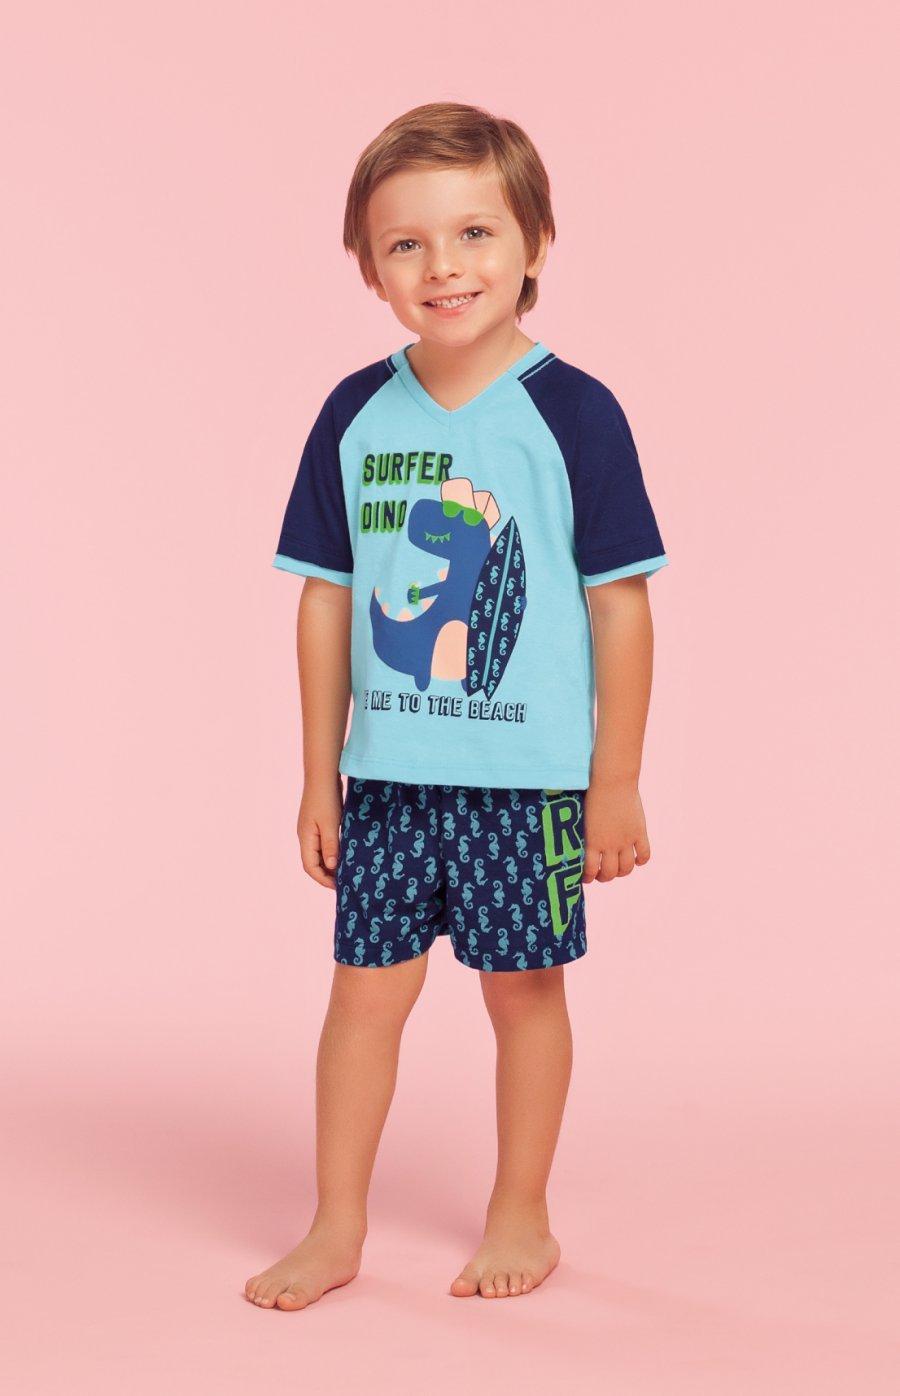 e84b65fb6 Pijama Baby 100% Algodão Surfer Dino Verão 2019